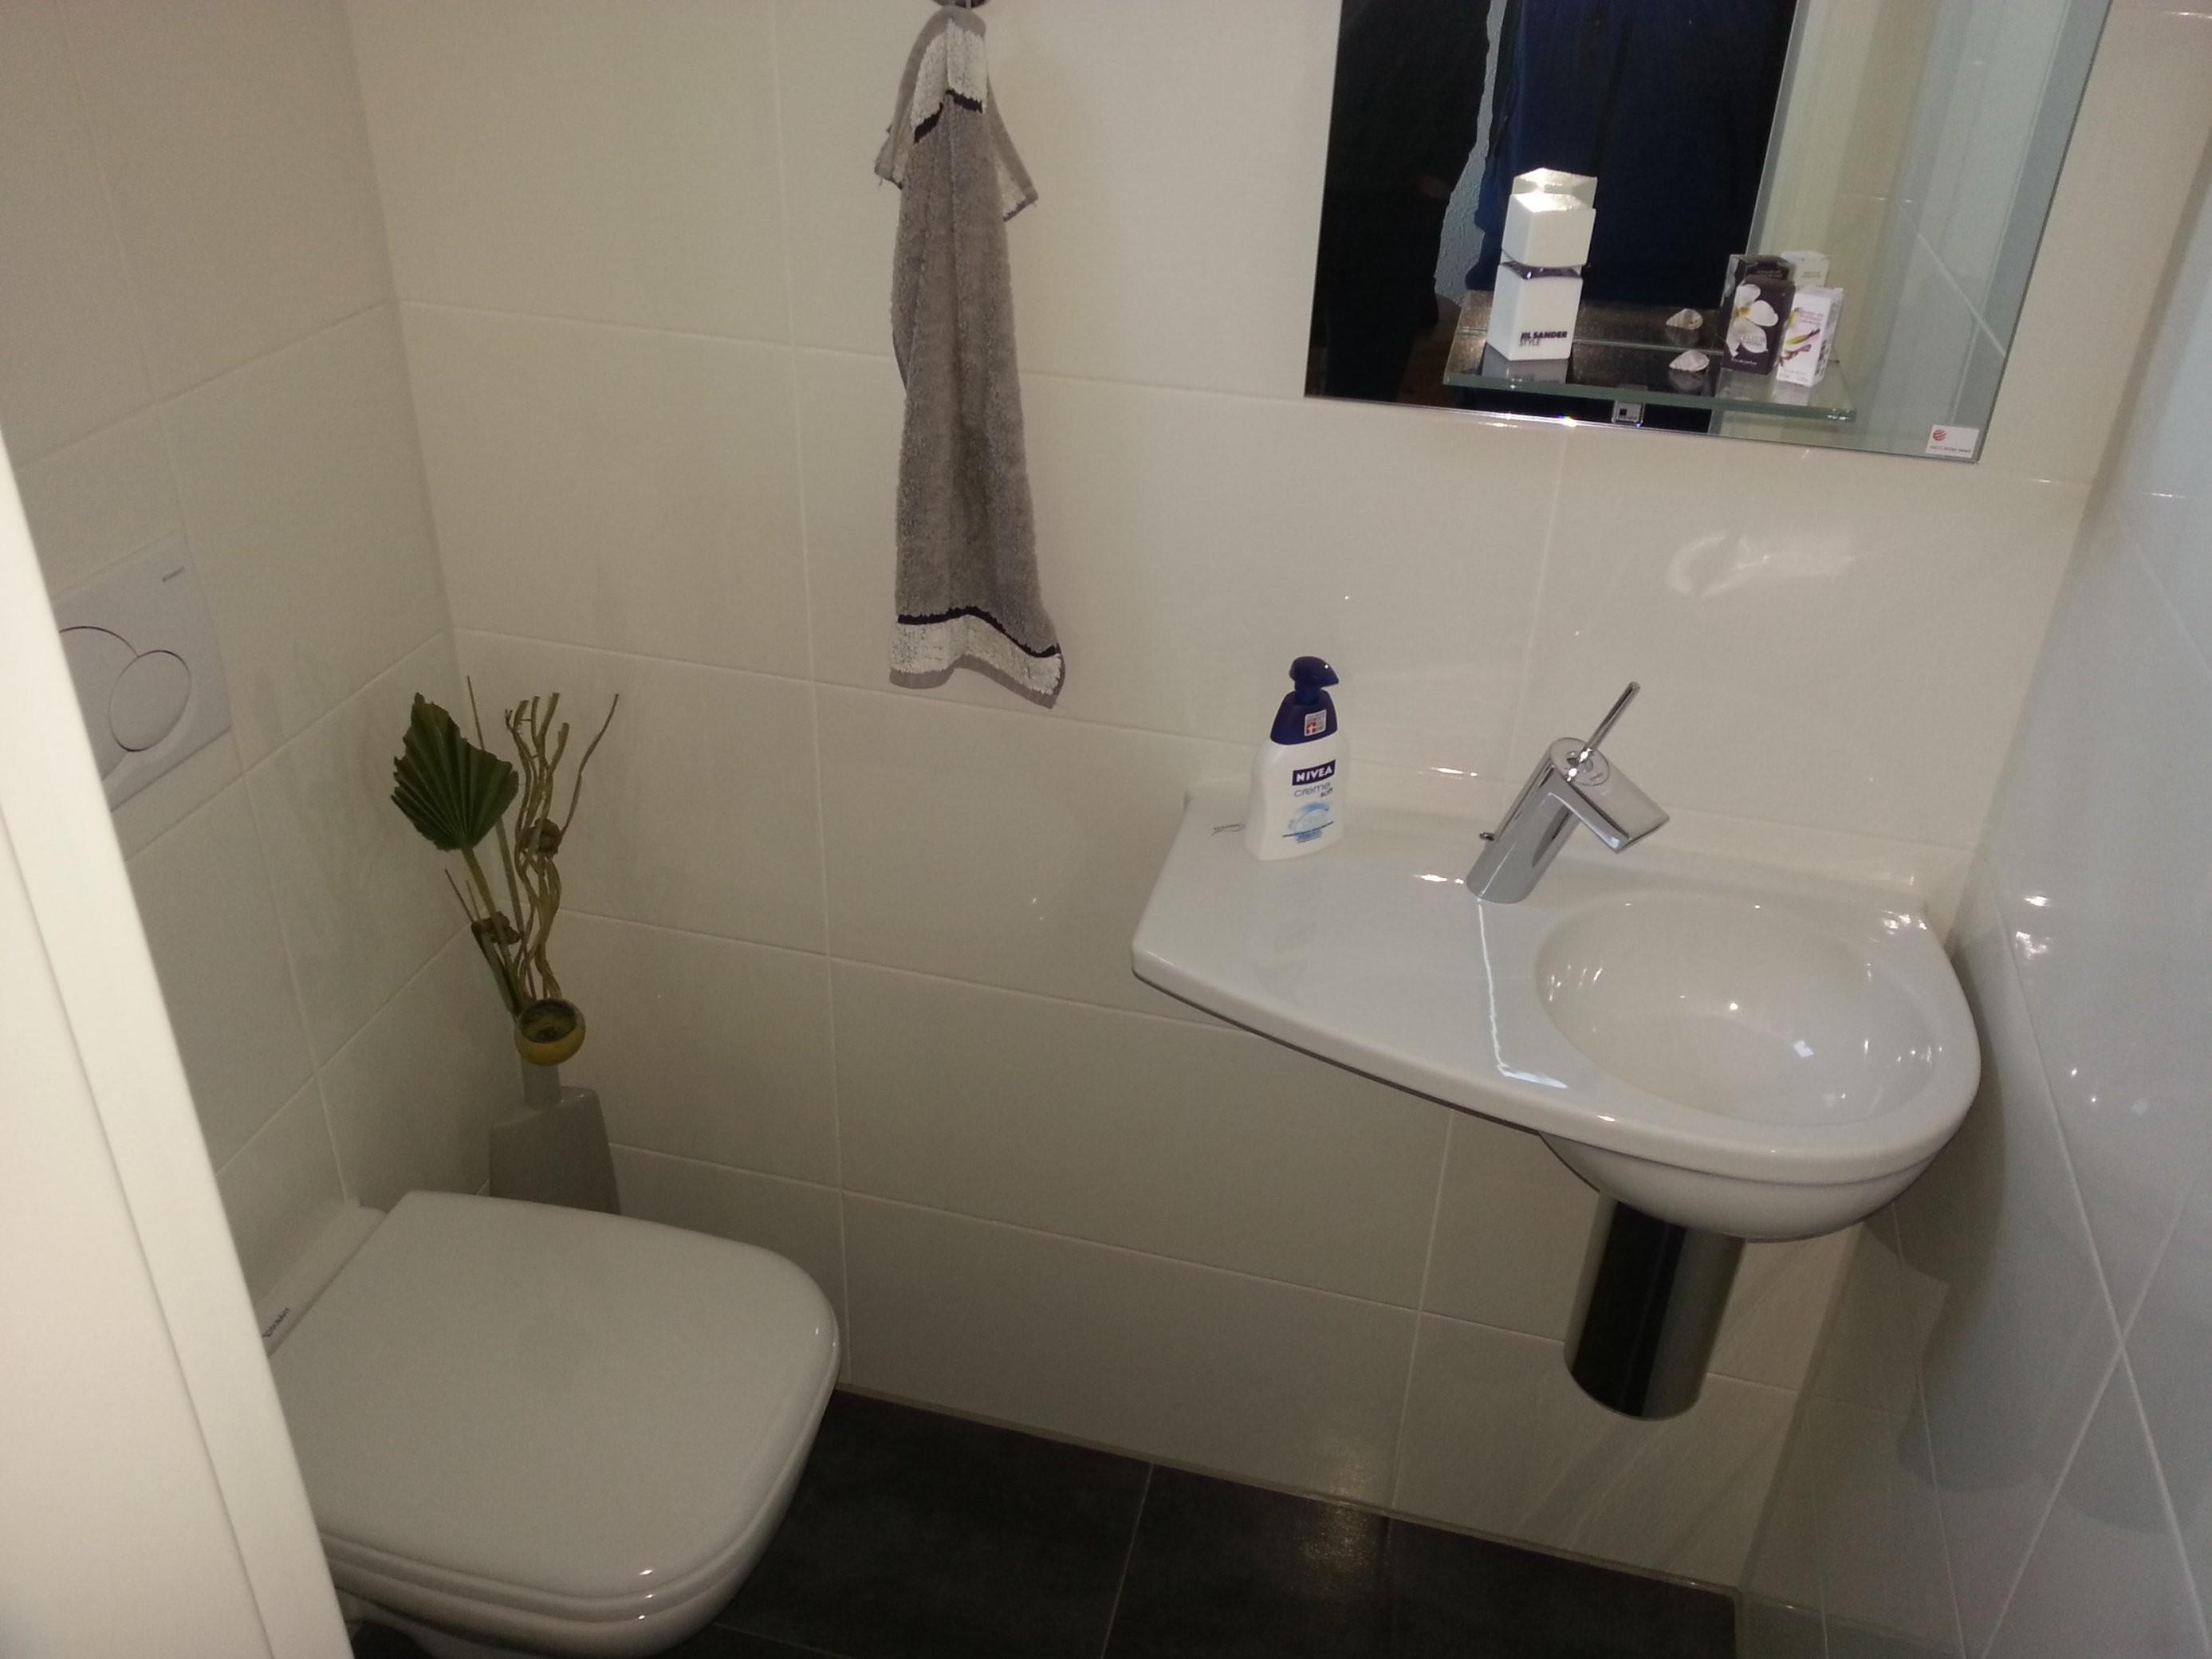 Kleines Waschbecken Mit Unterschrank Für Gäste Wc Jenseits Des von Kleine Waschbecken Für Gäste Wc Photo